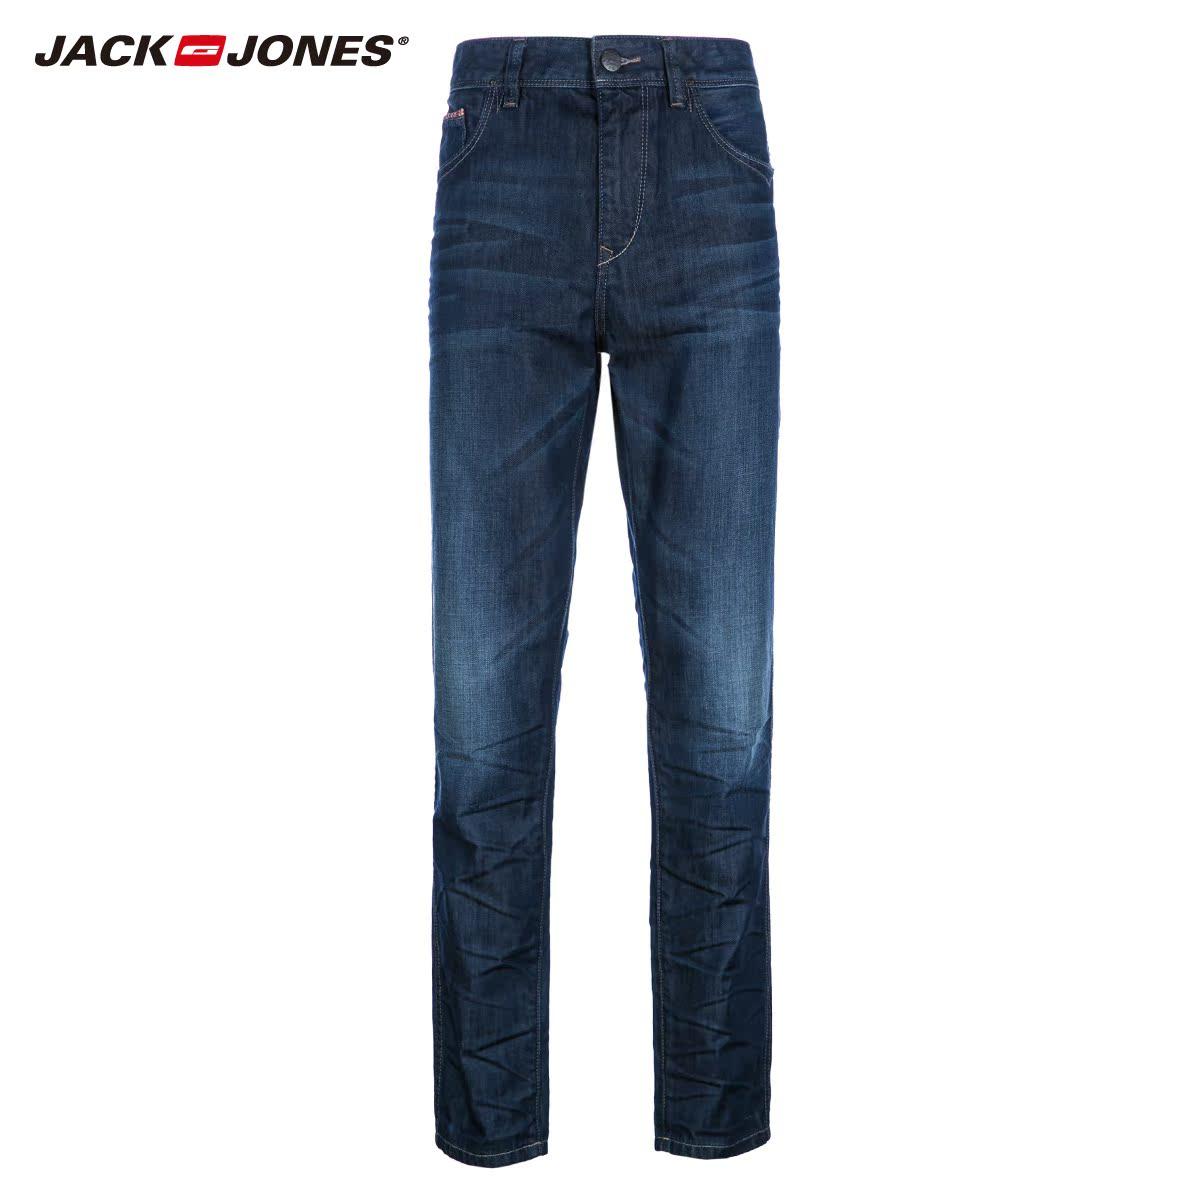 Джинсы jack jones